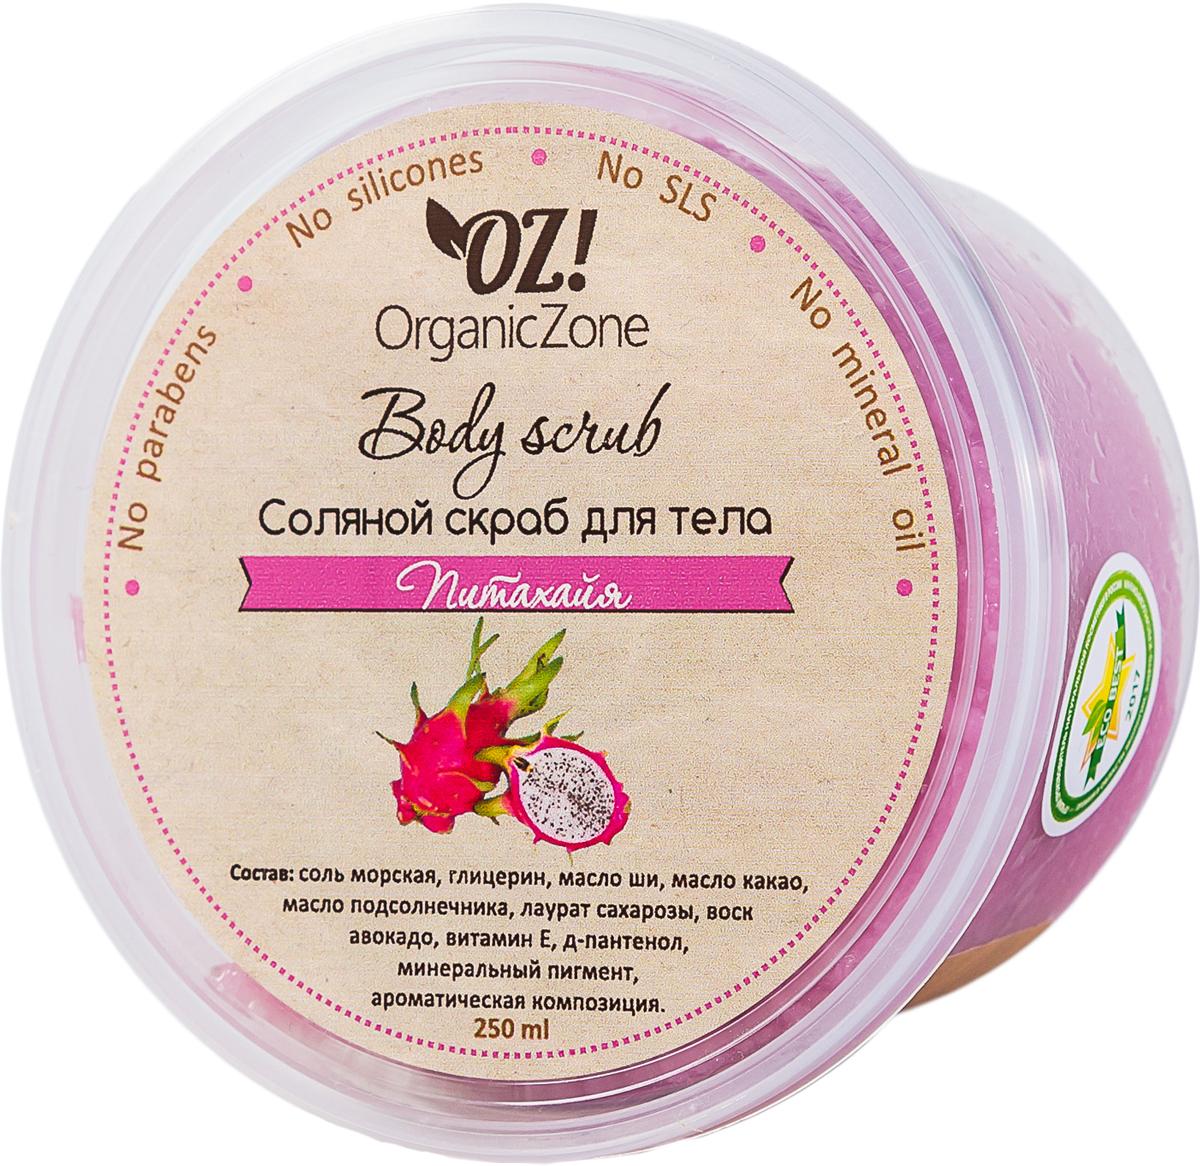 OrganicZone Соляной скраб для тела Питахайя, 250 мл4626018133866Удаляет загрязнения и омертвевшие клетки кожи. Благодаря маслам ши, какао и оливковому маслу кожа становится мягкой, хорошо увлажненной и эластичной. Д-пантенол и гель алоэ-вера увлажняют и стимулируют регенерацию кожи.